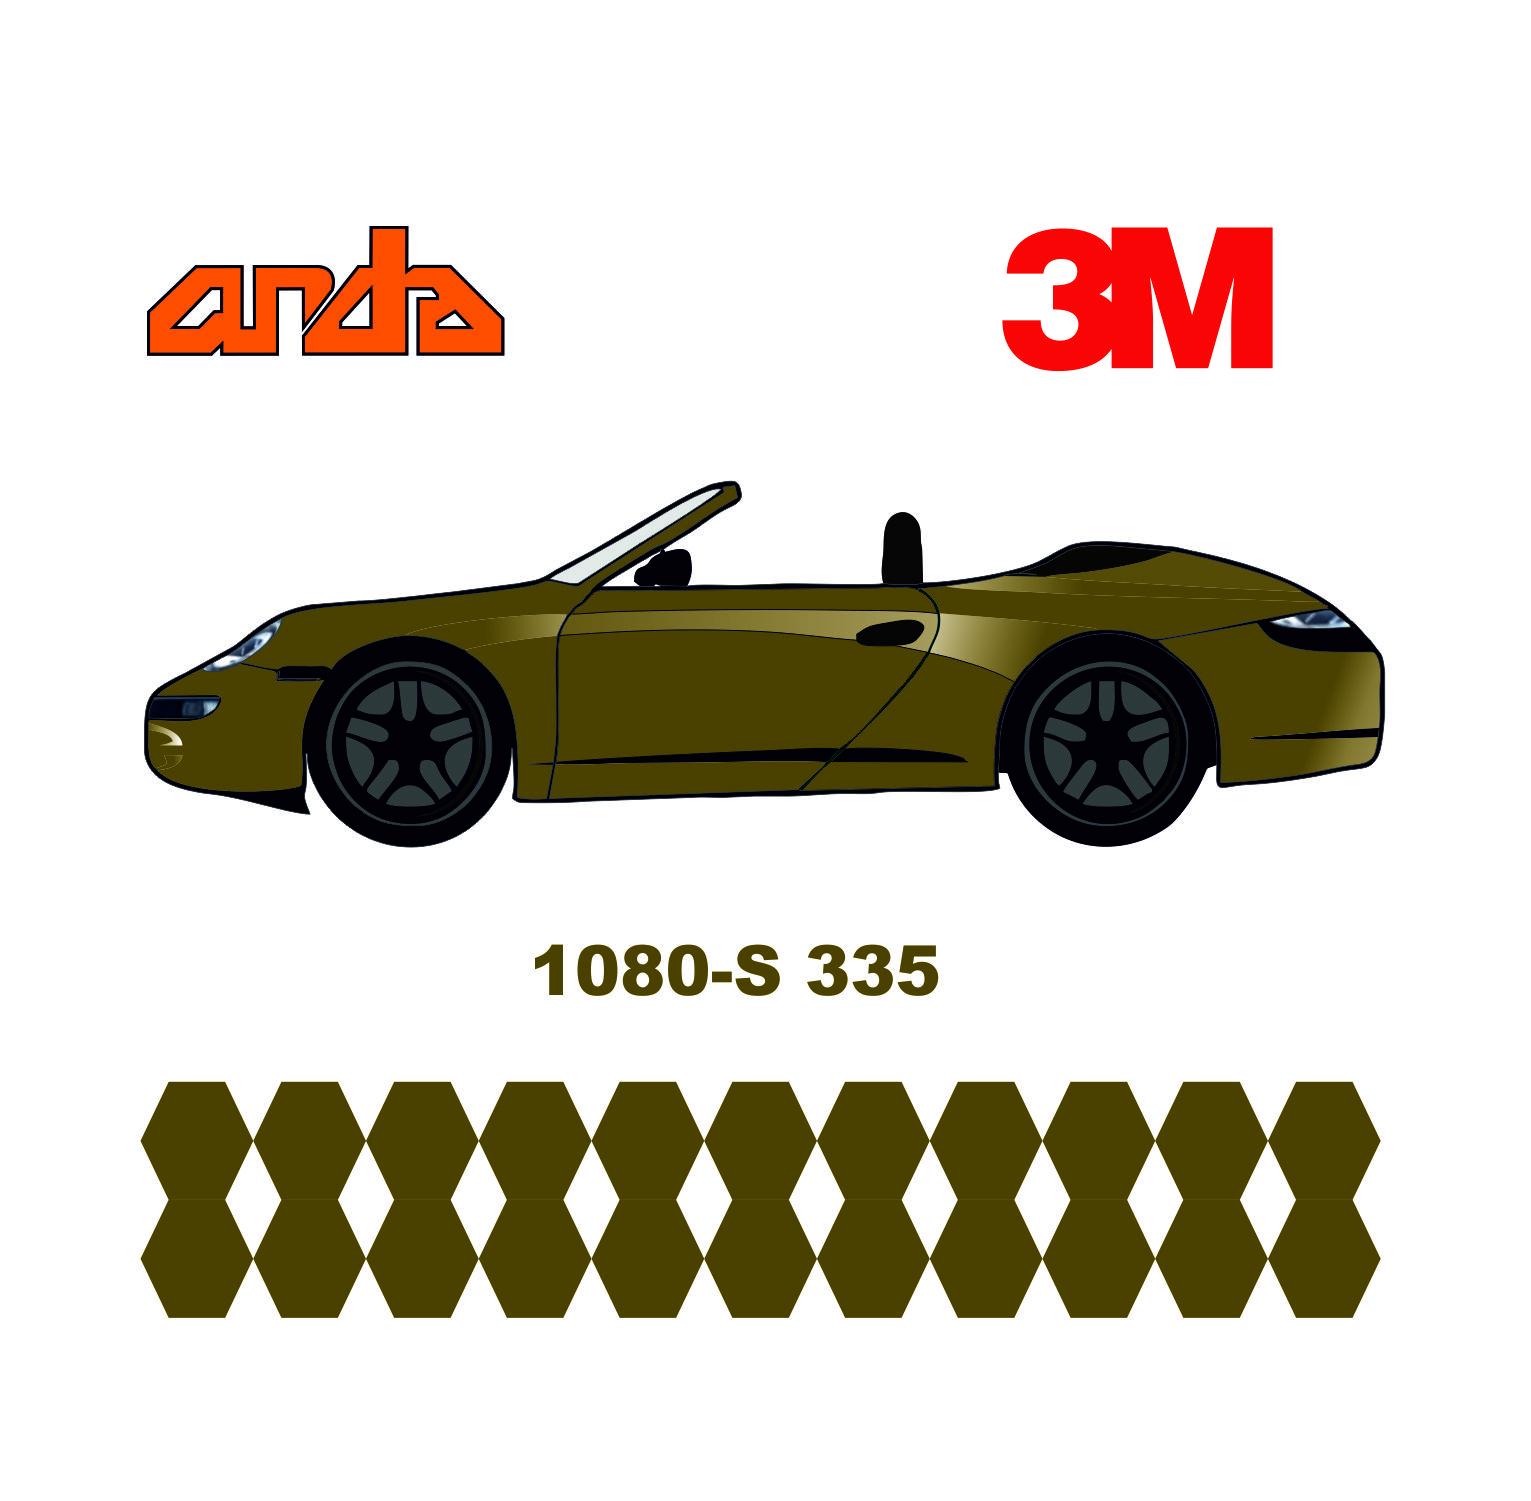 3M 1080-S335 Satin Bitter Yellow 1